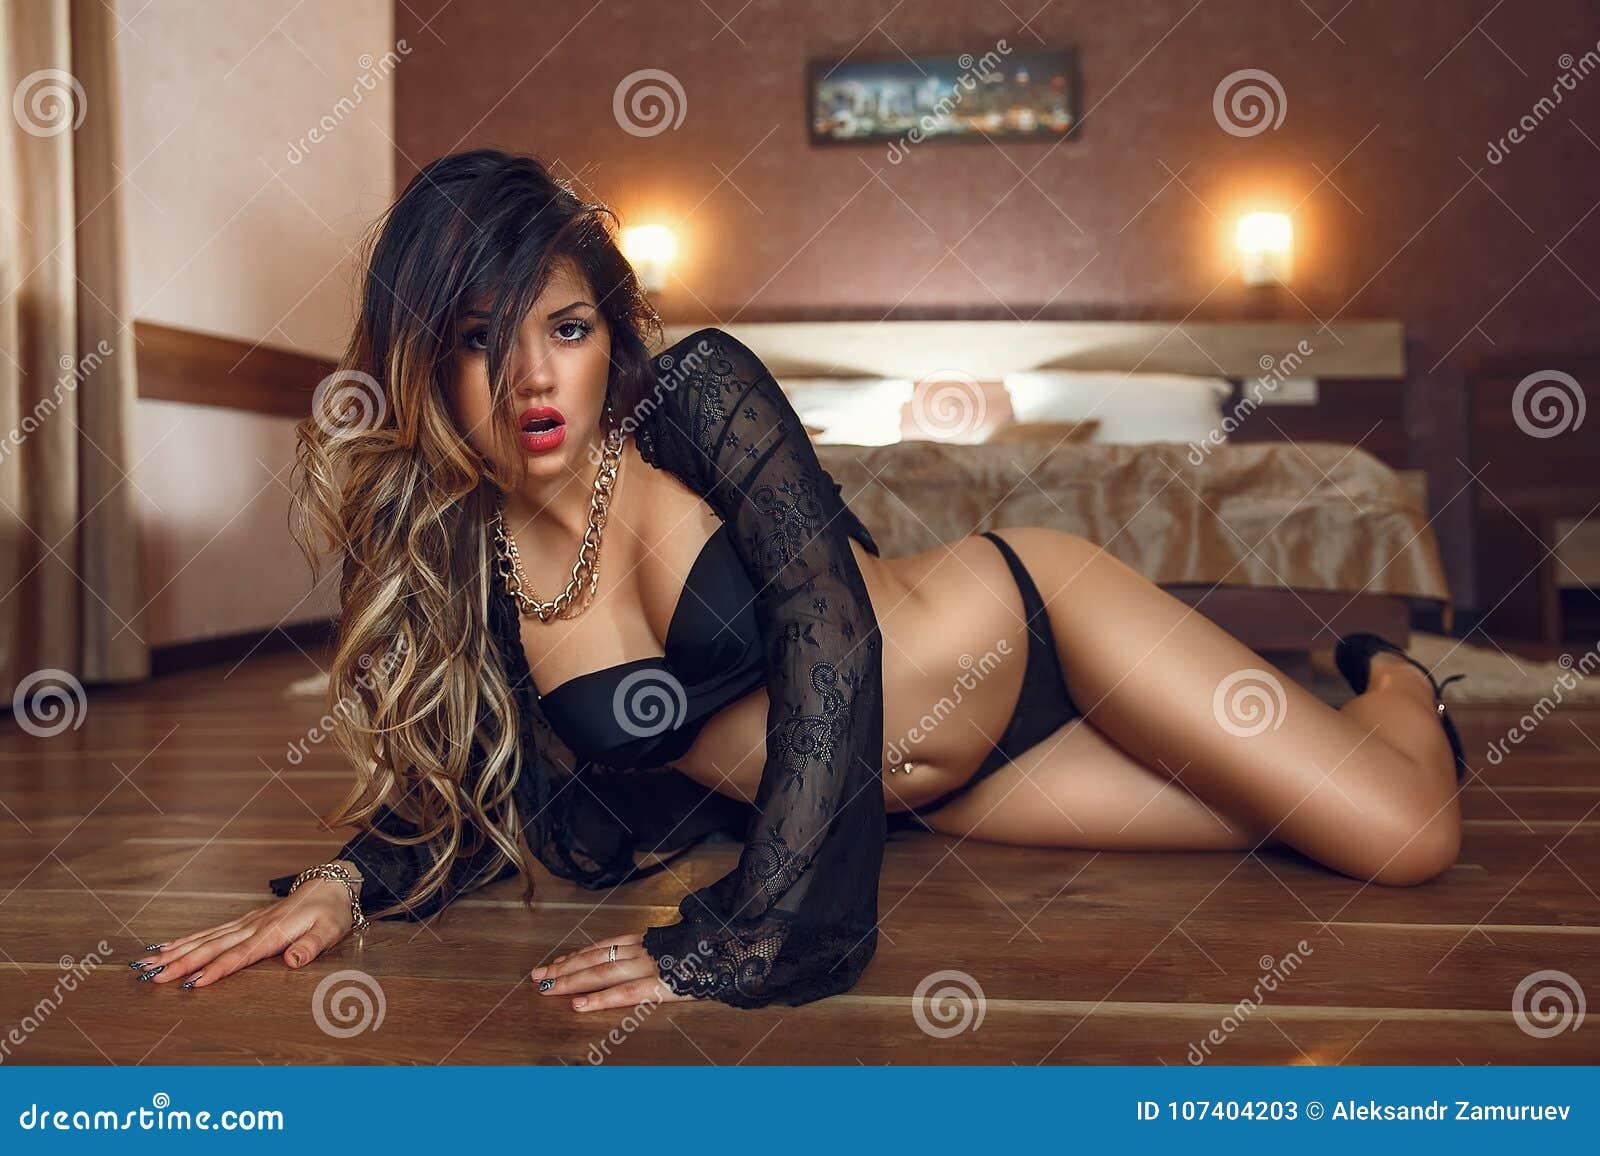 Красивое нижнее белье сексуальных девушек #7